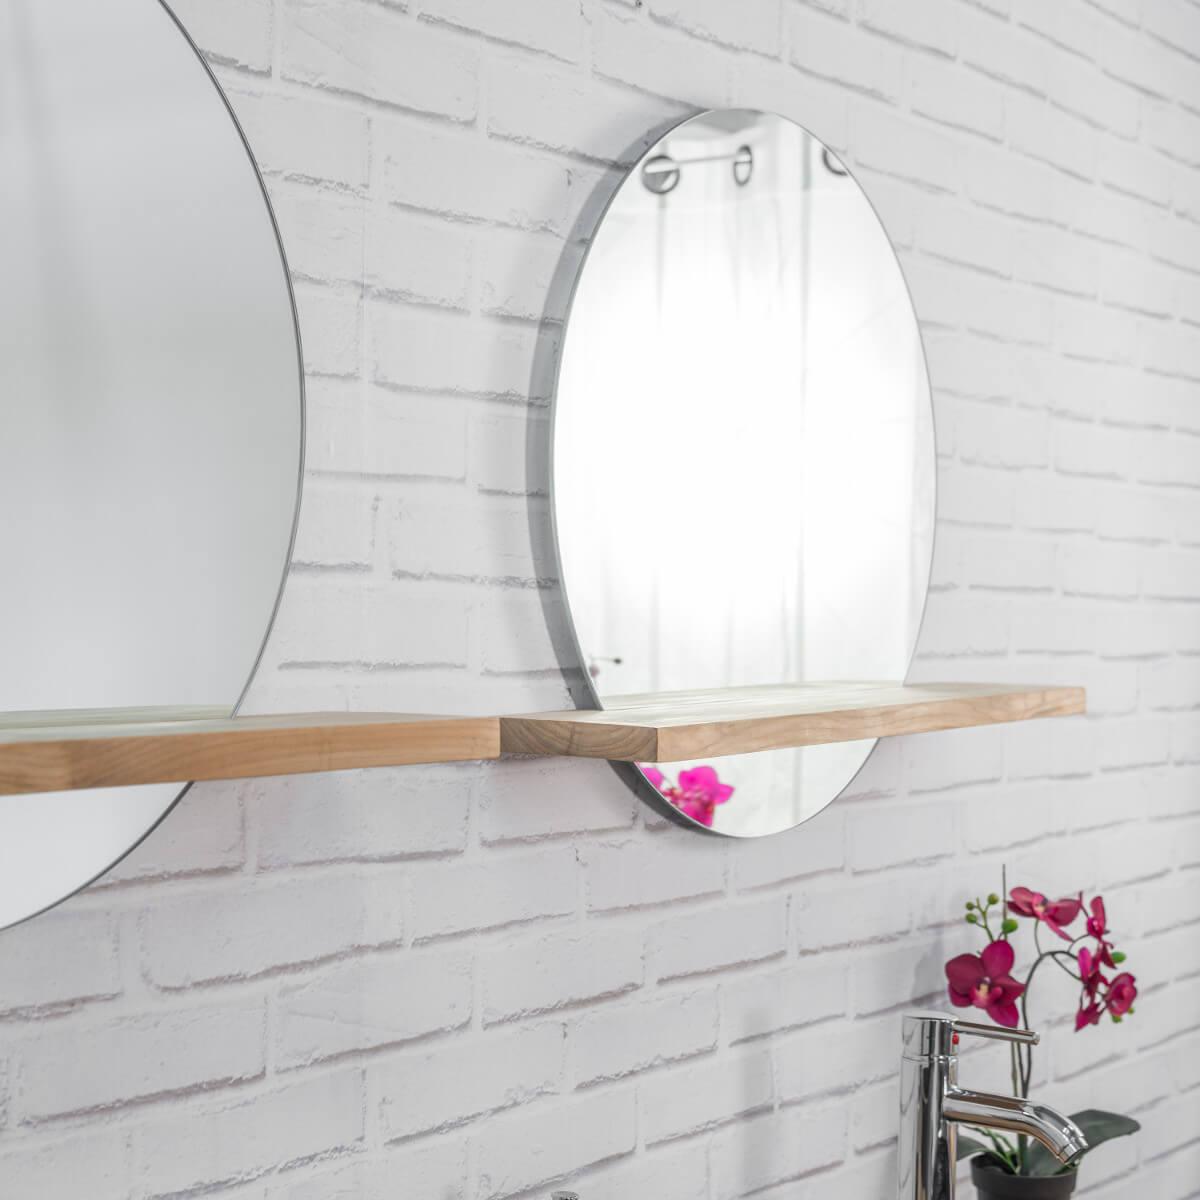 miroir bologne de salle de bain rond en